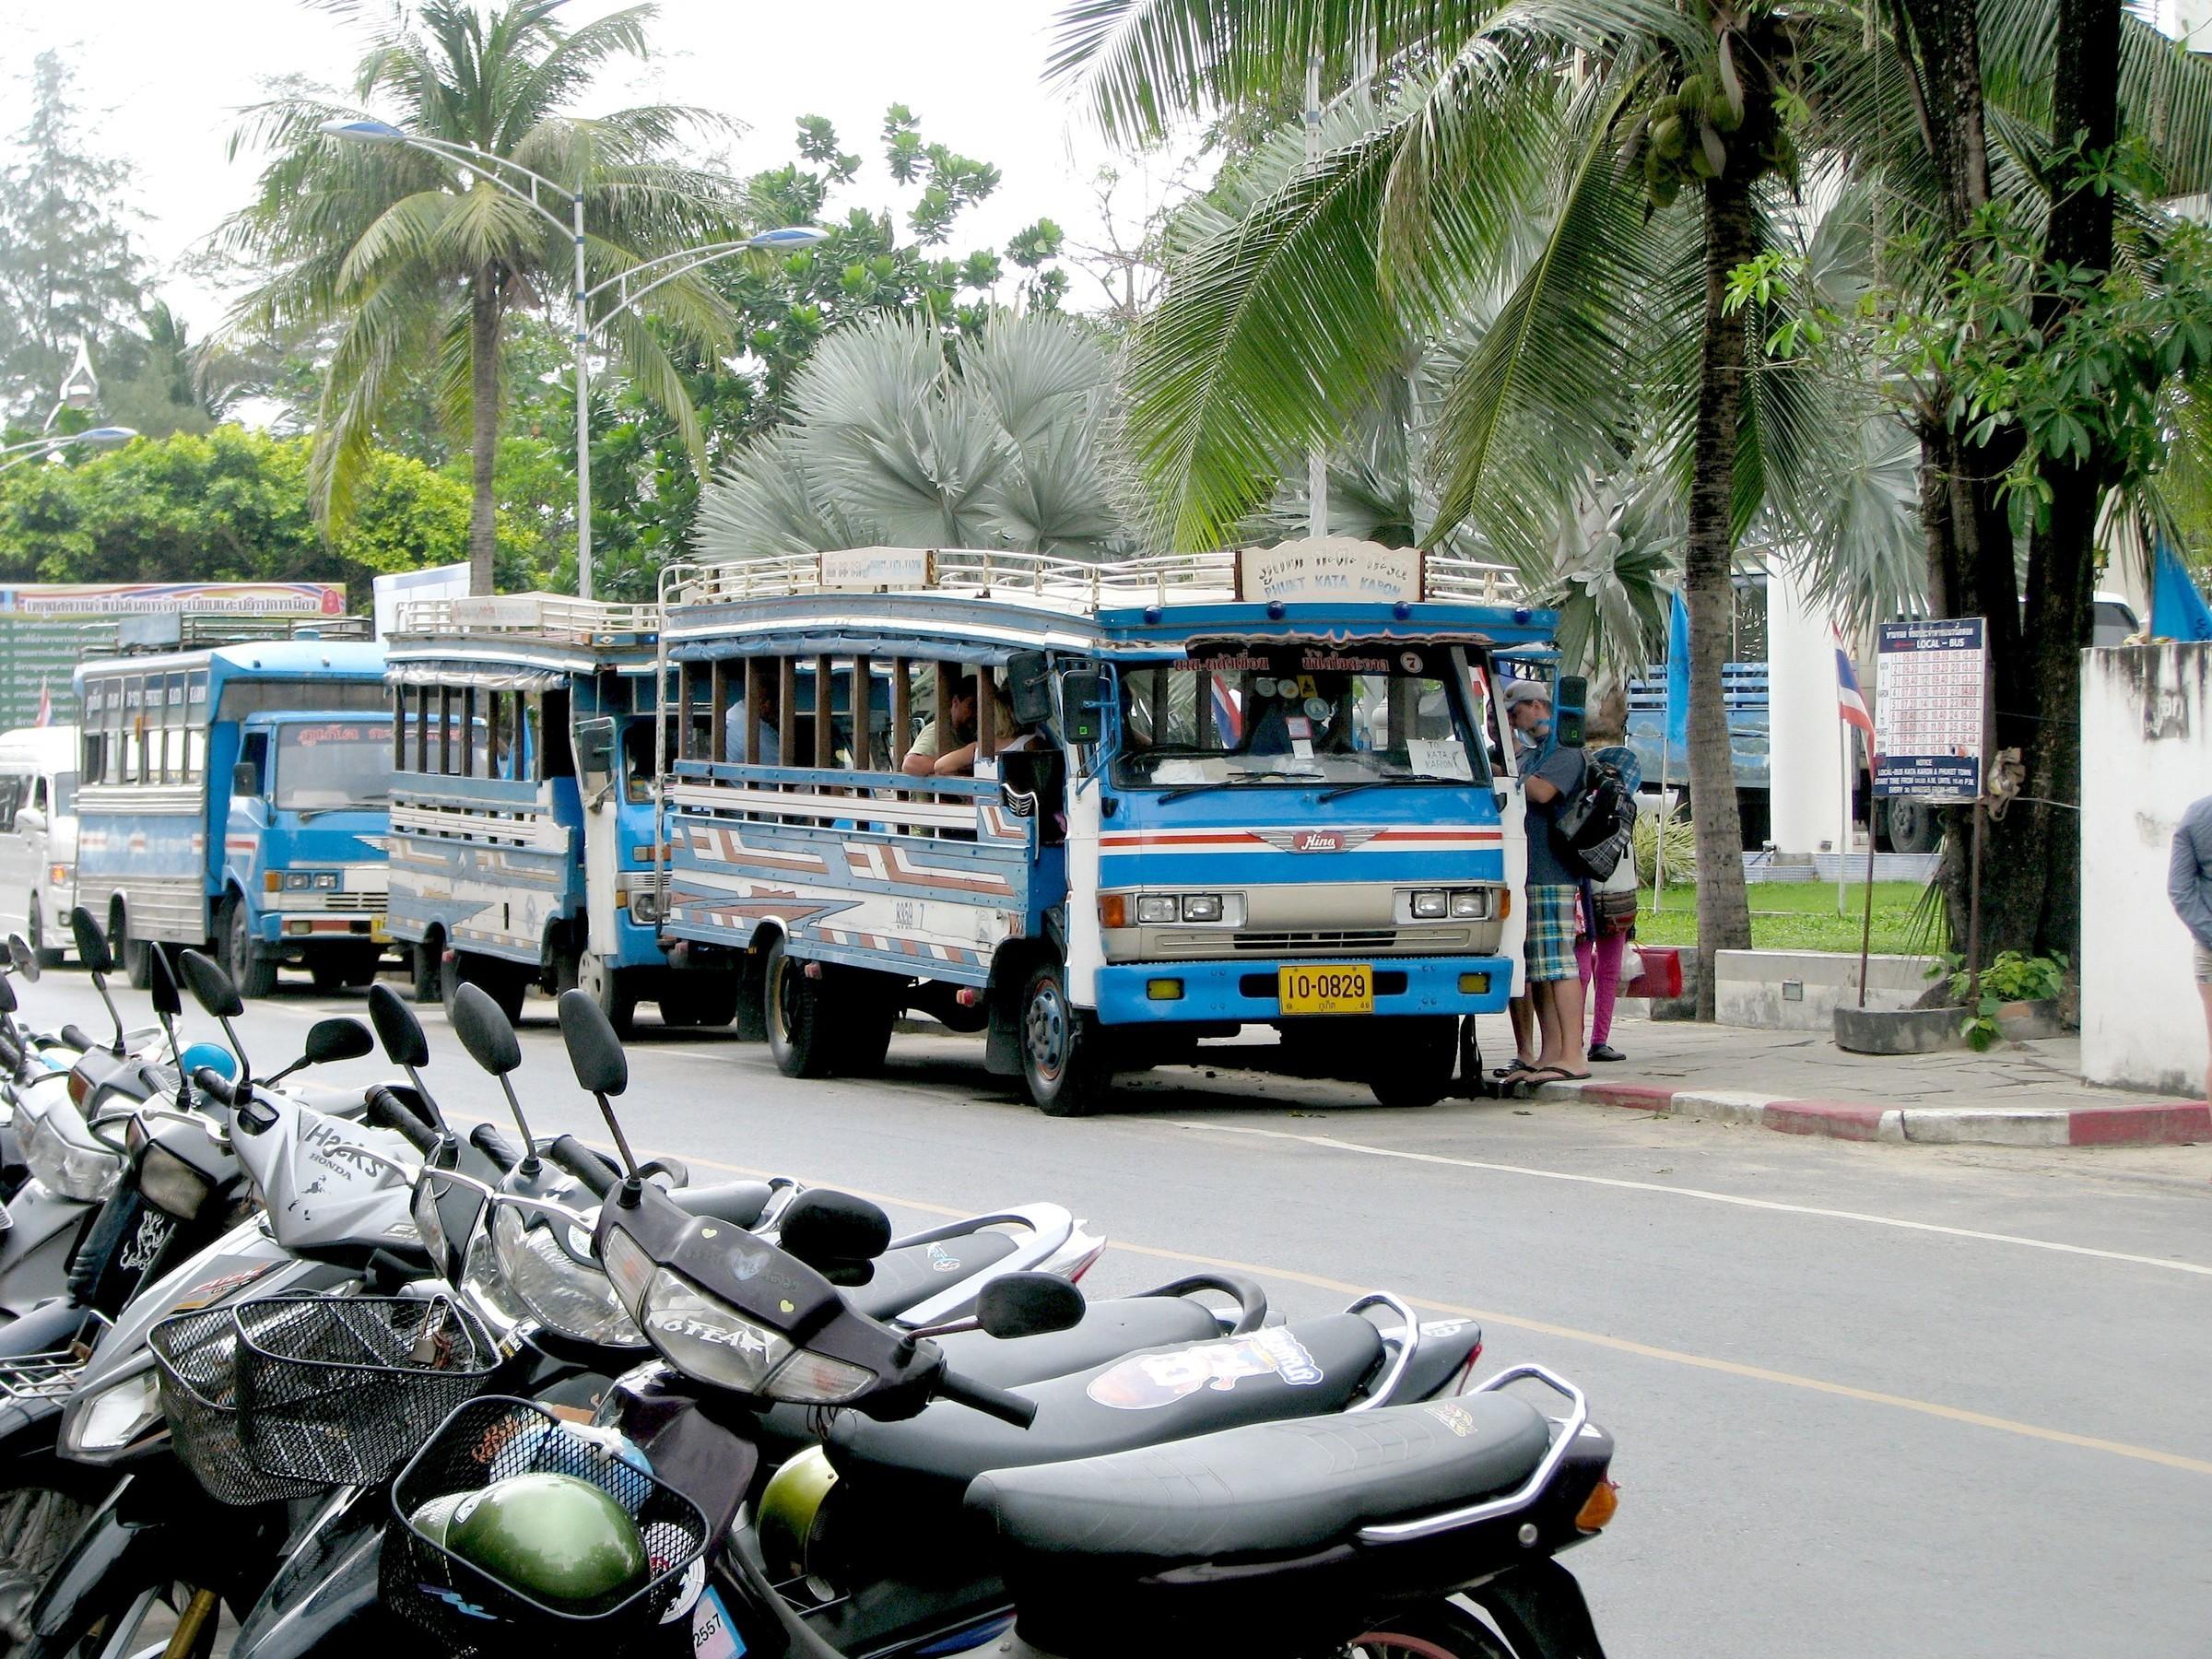 Средства передвижения в Таиланде